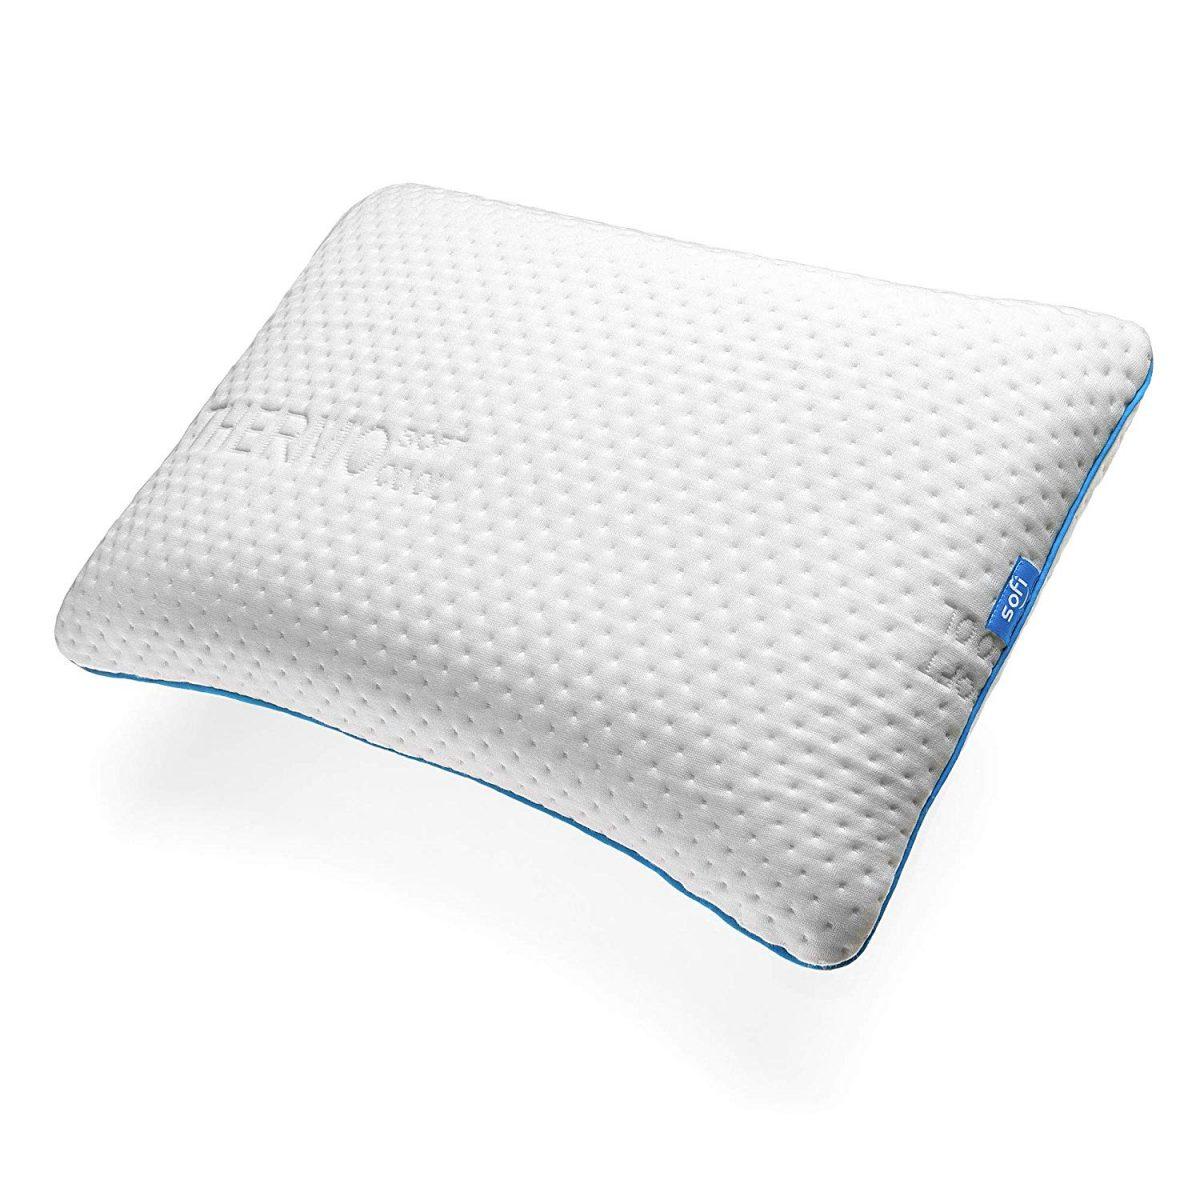 Oreiller à mémoire de forme : Un oreiller pour tous les âges ?